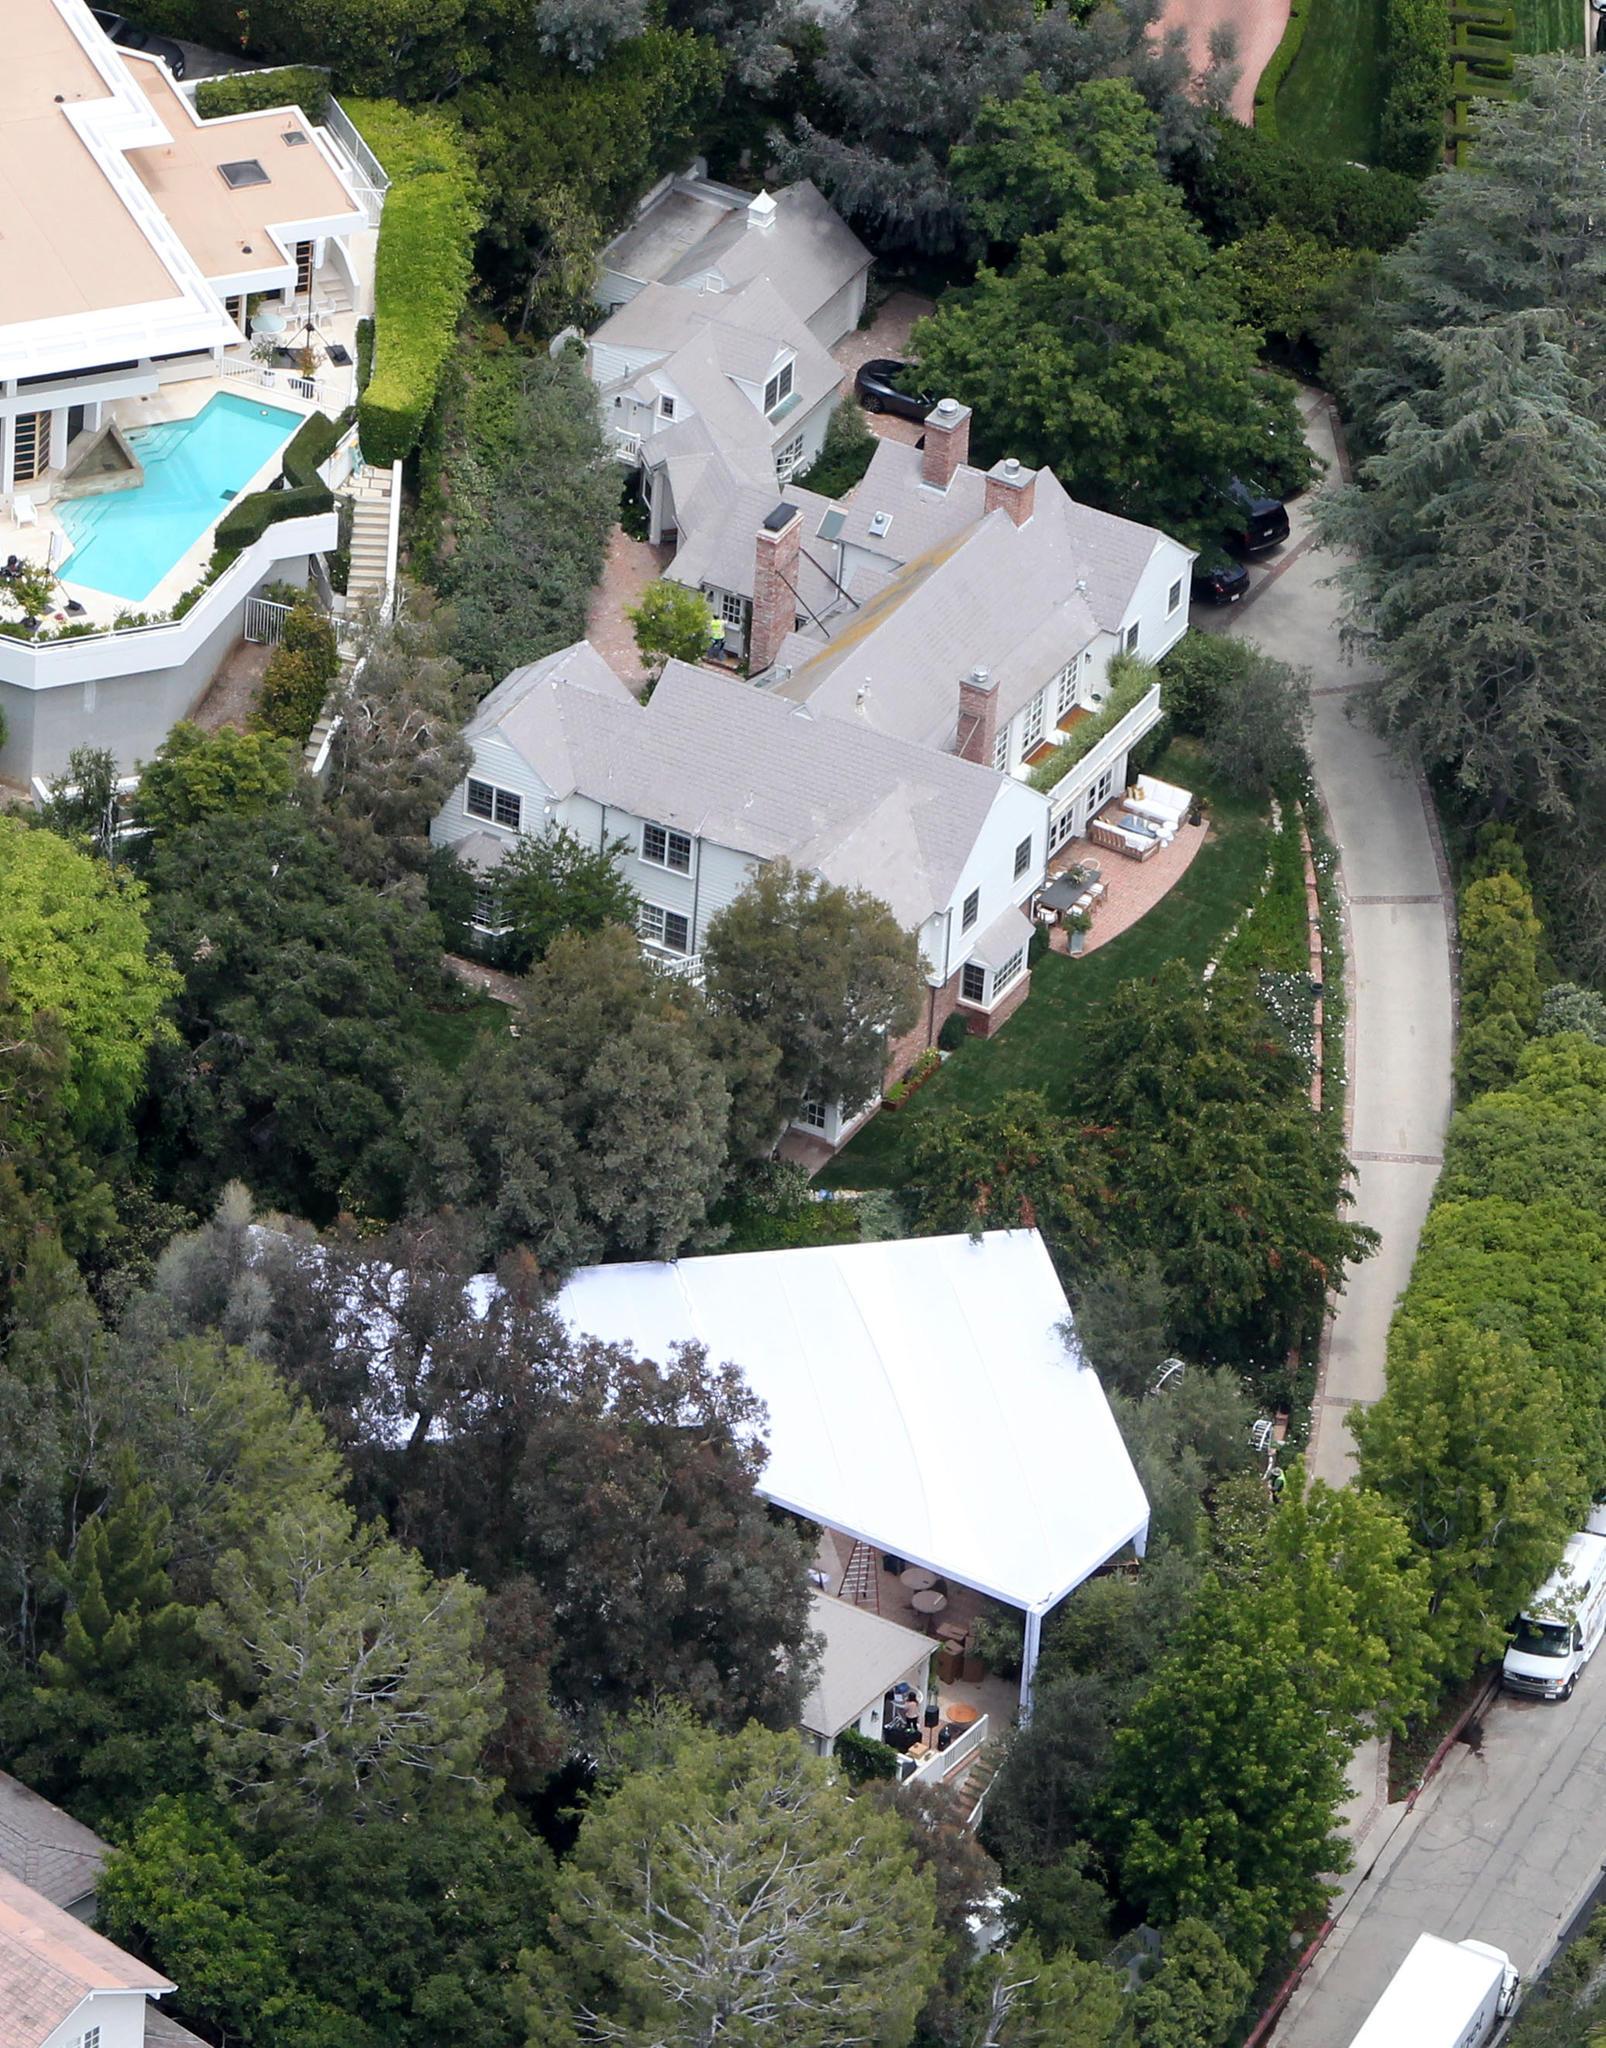 Hinter dem Haus von Snapchat-Gründer Evan Spiegel in Los Angeles ist am 26. Mai 2017 ein großes weißes Zelt aufgebaut worden.